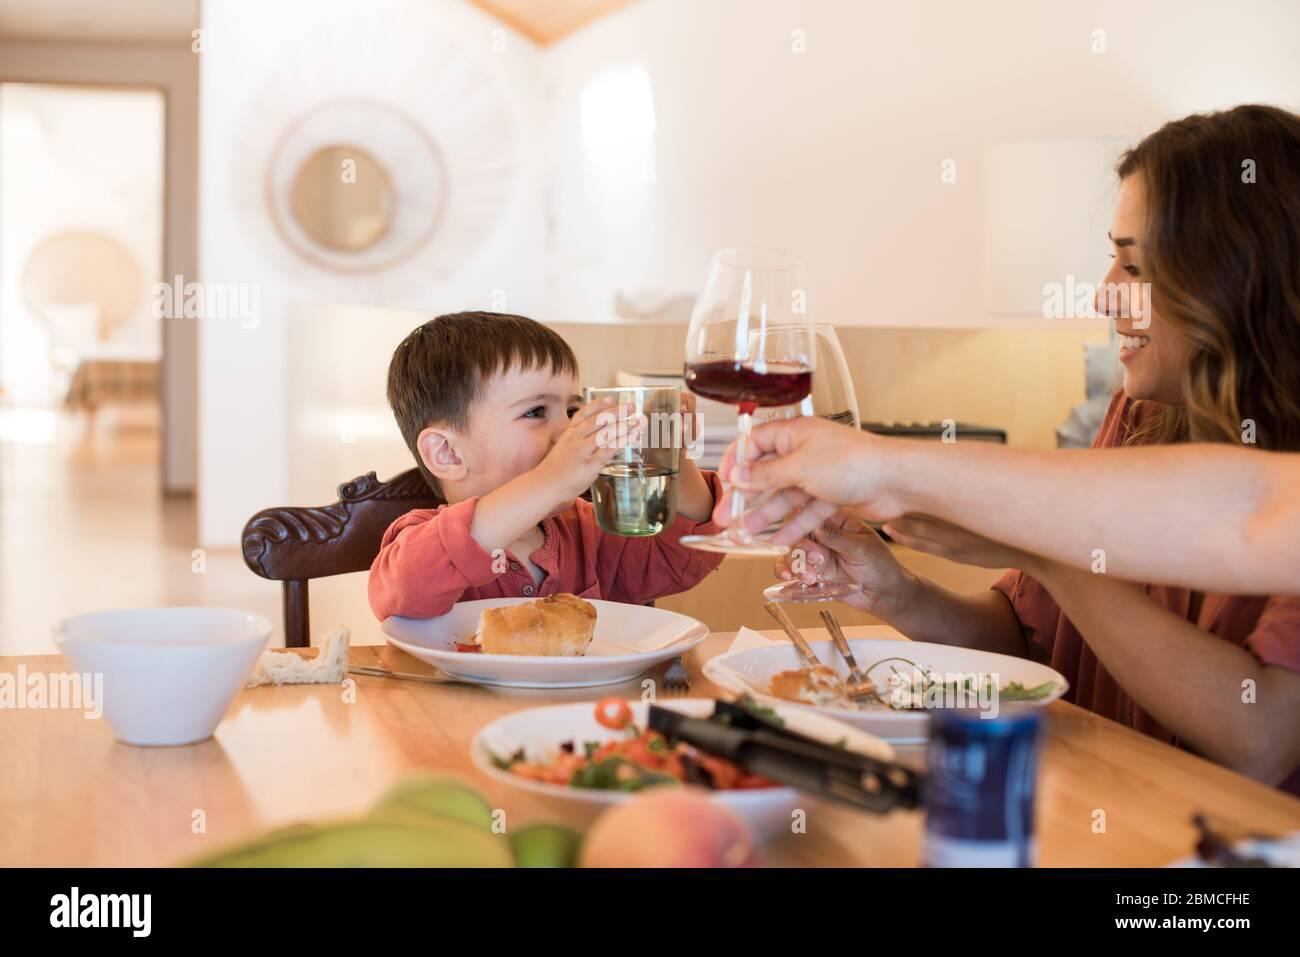 Famiglia giovane con un bambino seduto insieme per pranzo Foto Stock